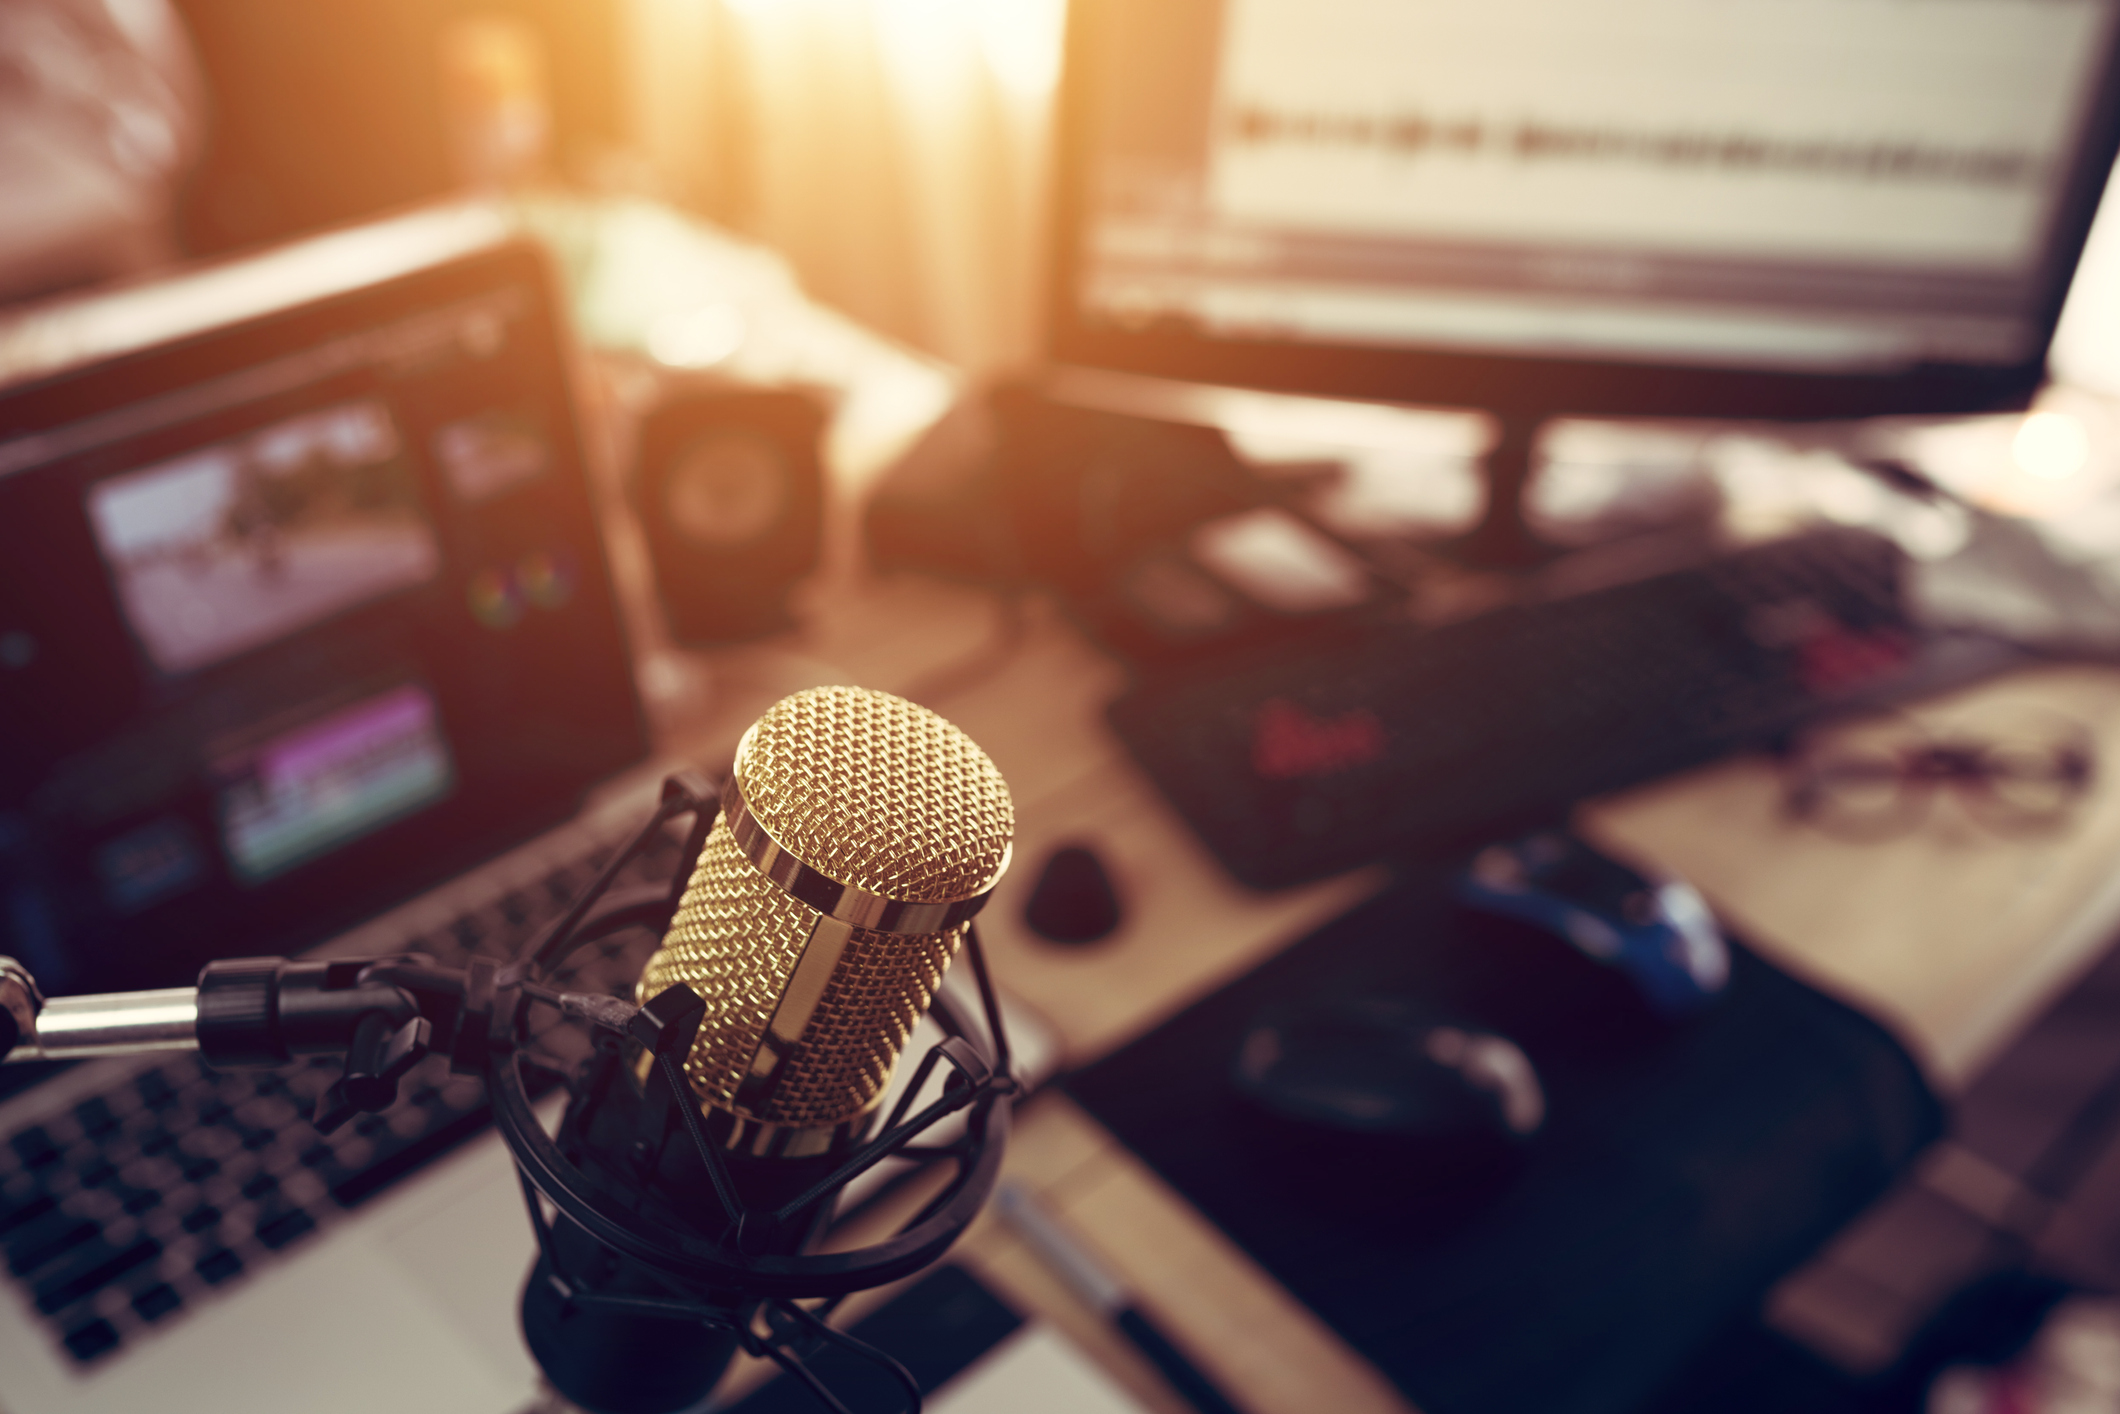 Giornata Mondiale della Radio: 5 curiosità